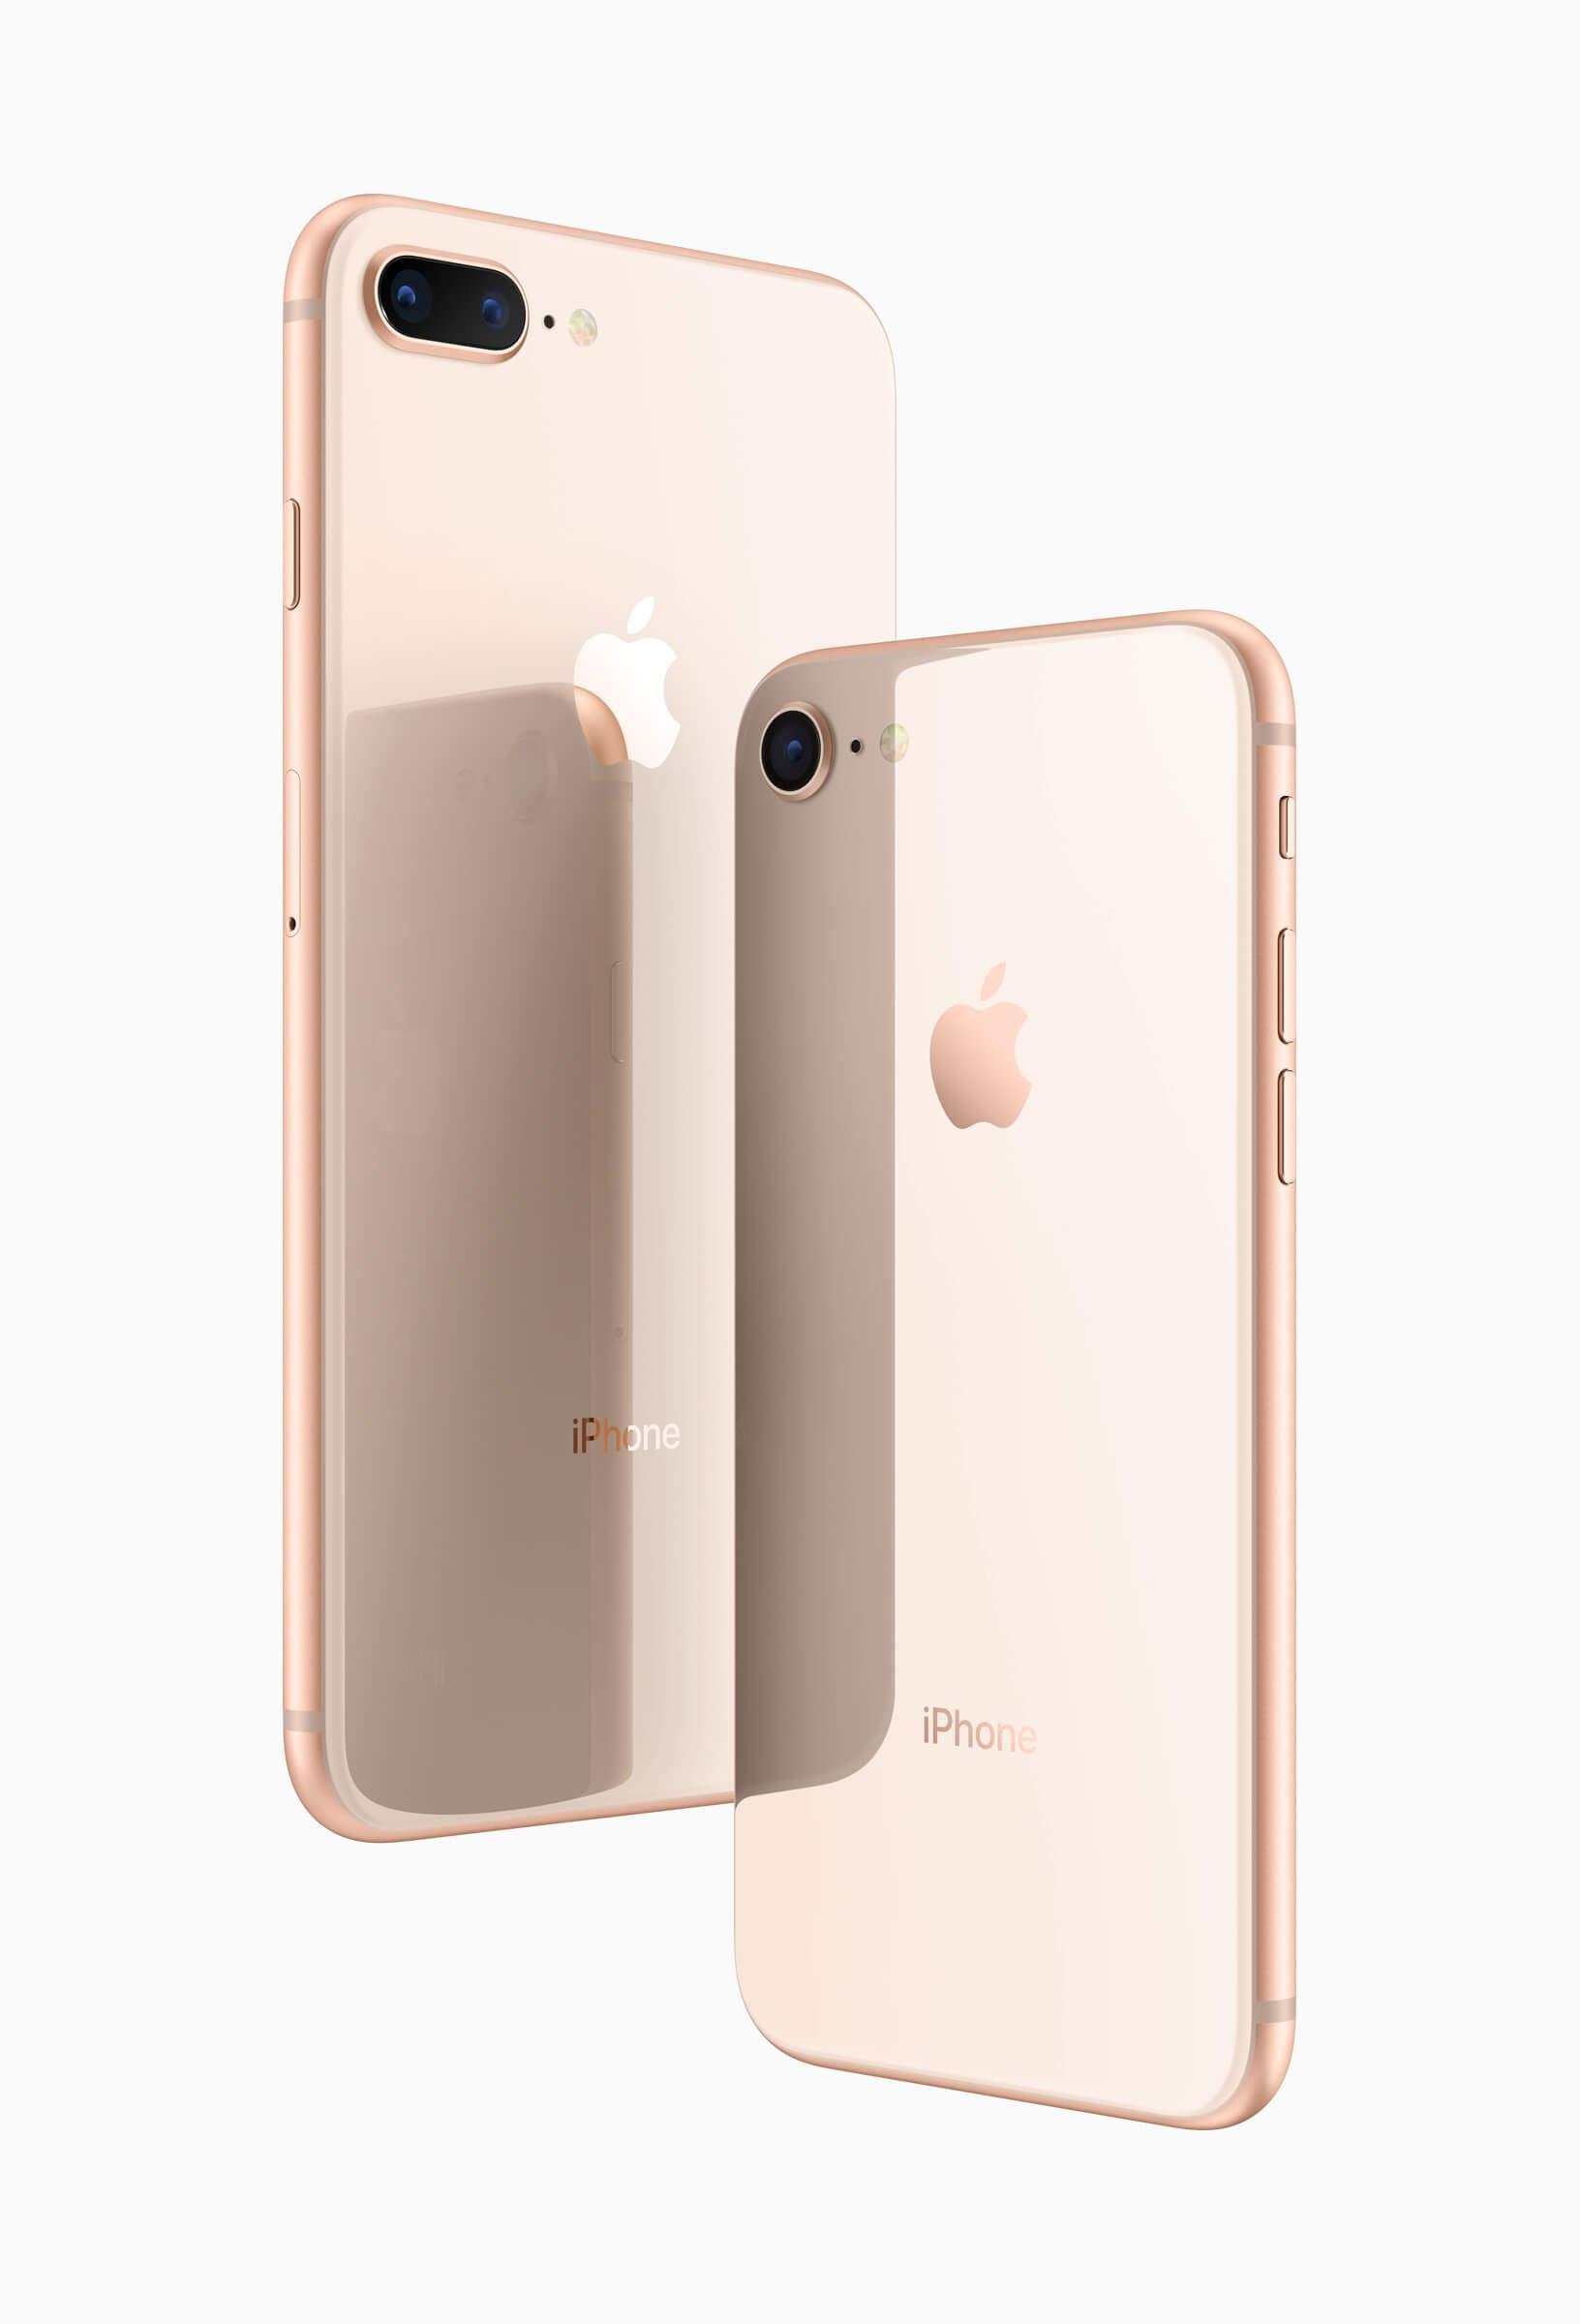 Hartetest Und Lieferumfang Das IPhone 8 In Ersten Videos